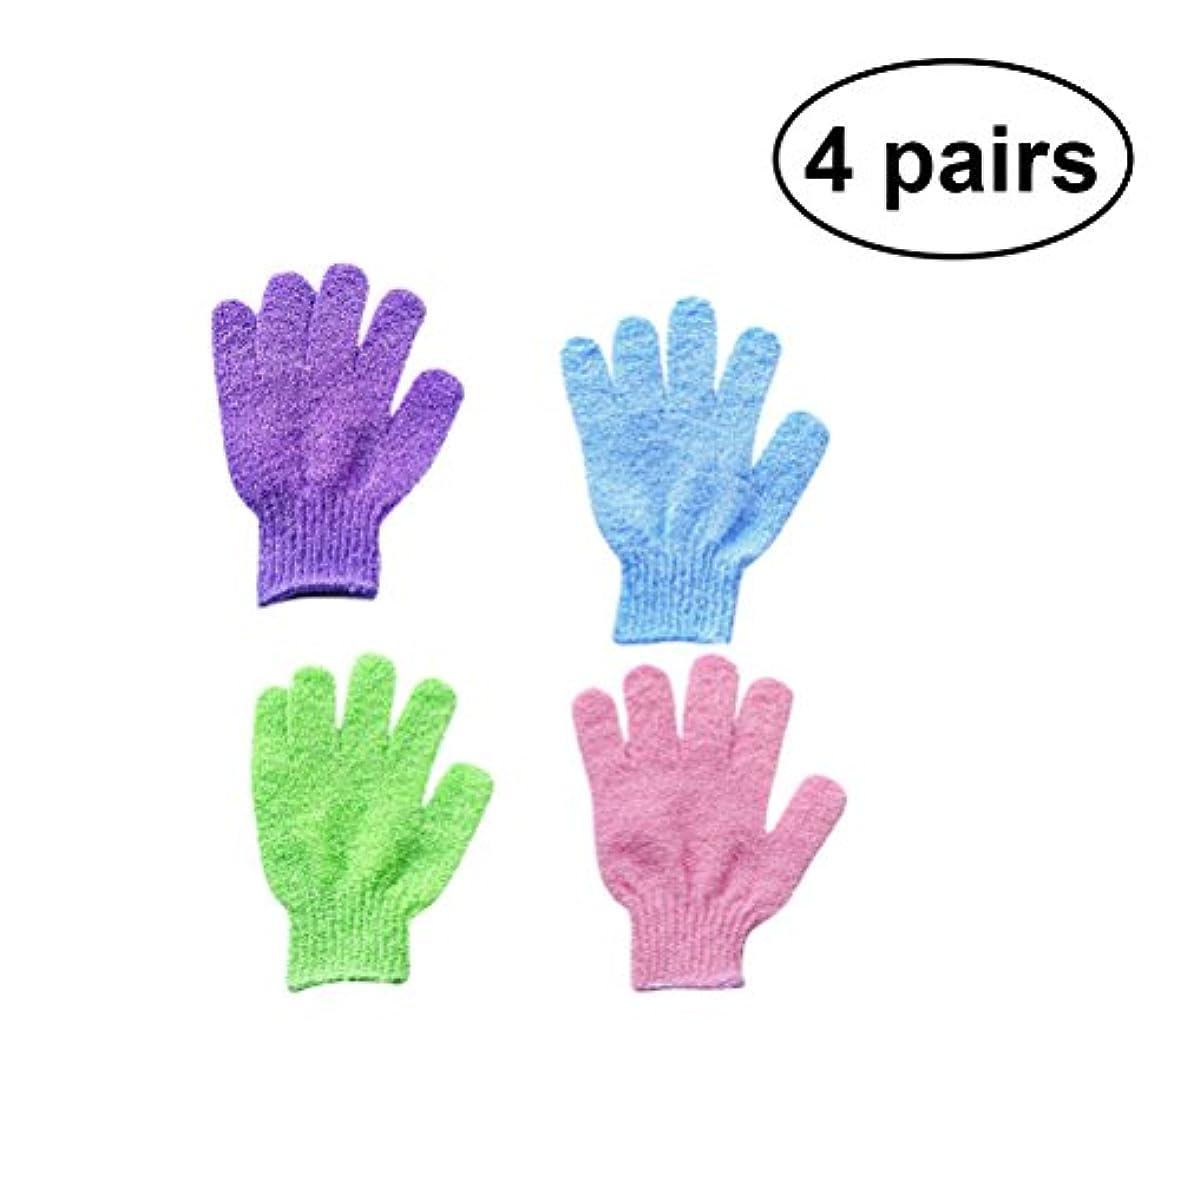 パークセール行列Healifty 4 Pairs Exfoliating Bath Gloves Shower Mitts Exfoliating Body Spa Massage Dead Skin Cell Remover